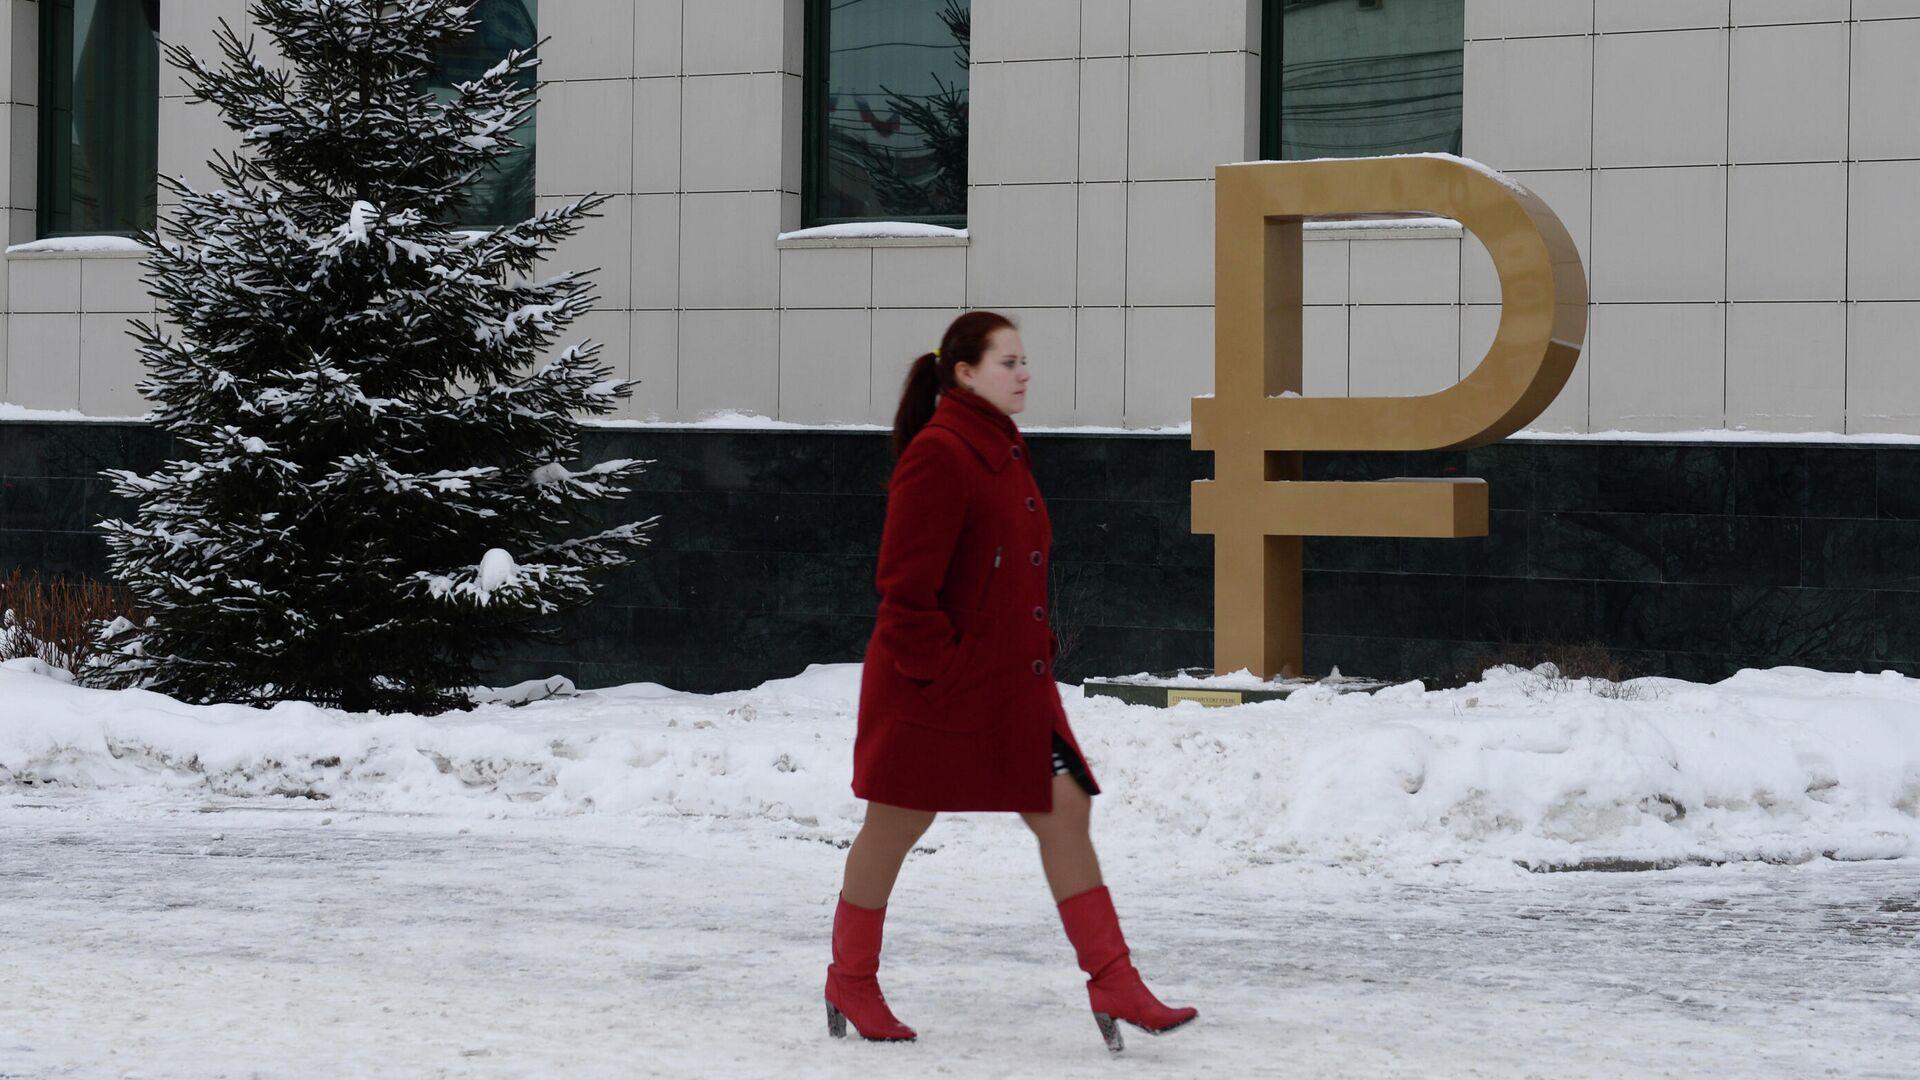 ЦБ рассказал, как цифровой рубль поможет бороться с